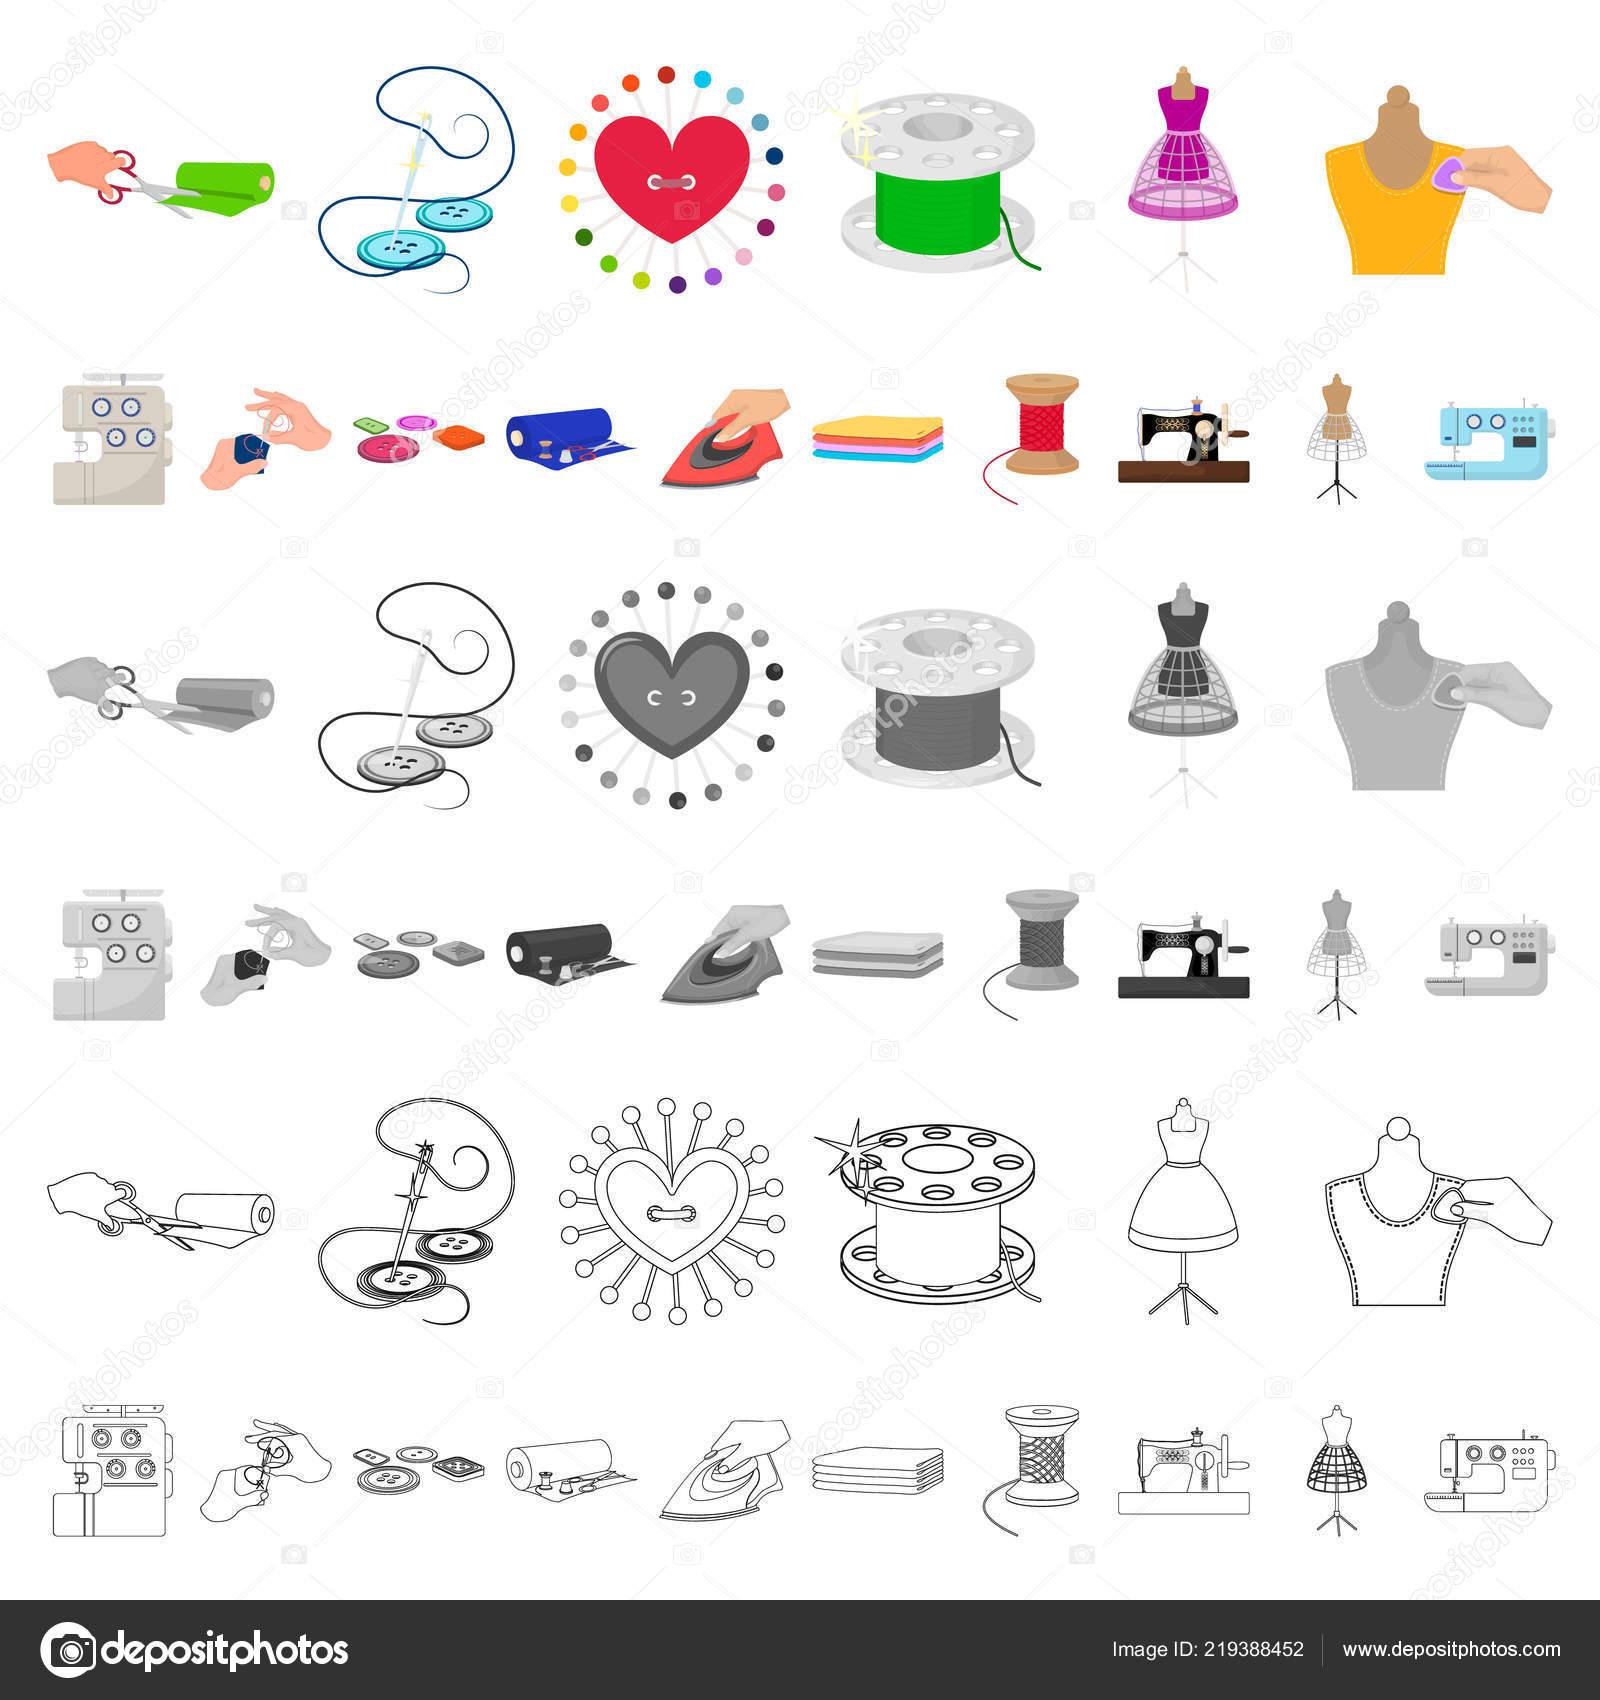 a48fed3382a Ateliér a vybavení karikatura ikony v nastavení kolekce pro design. Šití oblečení  vektor symbol akcií web ilustrace– stock ilustrace